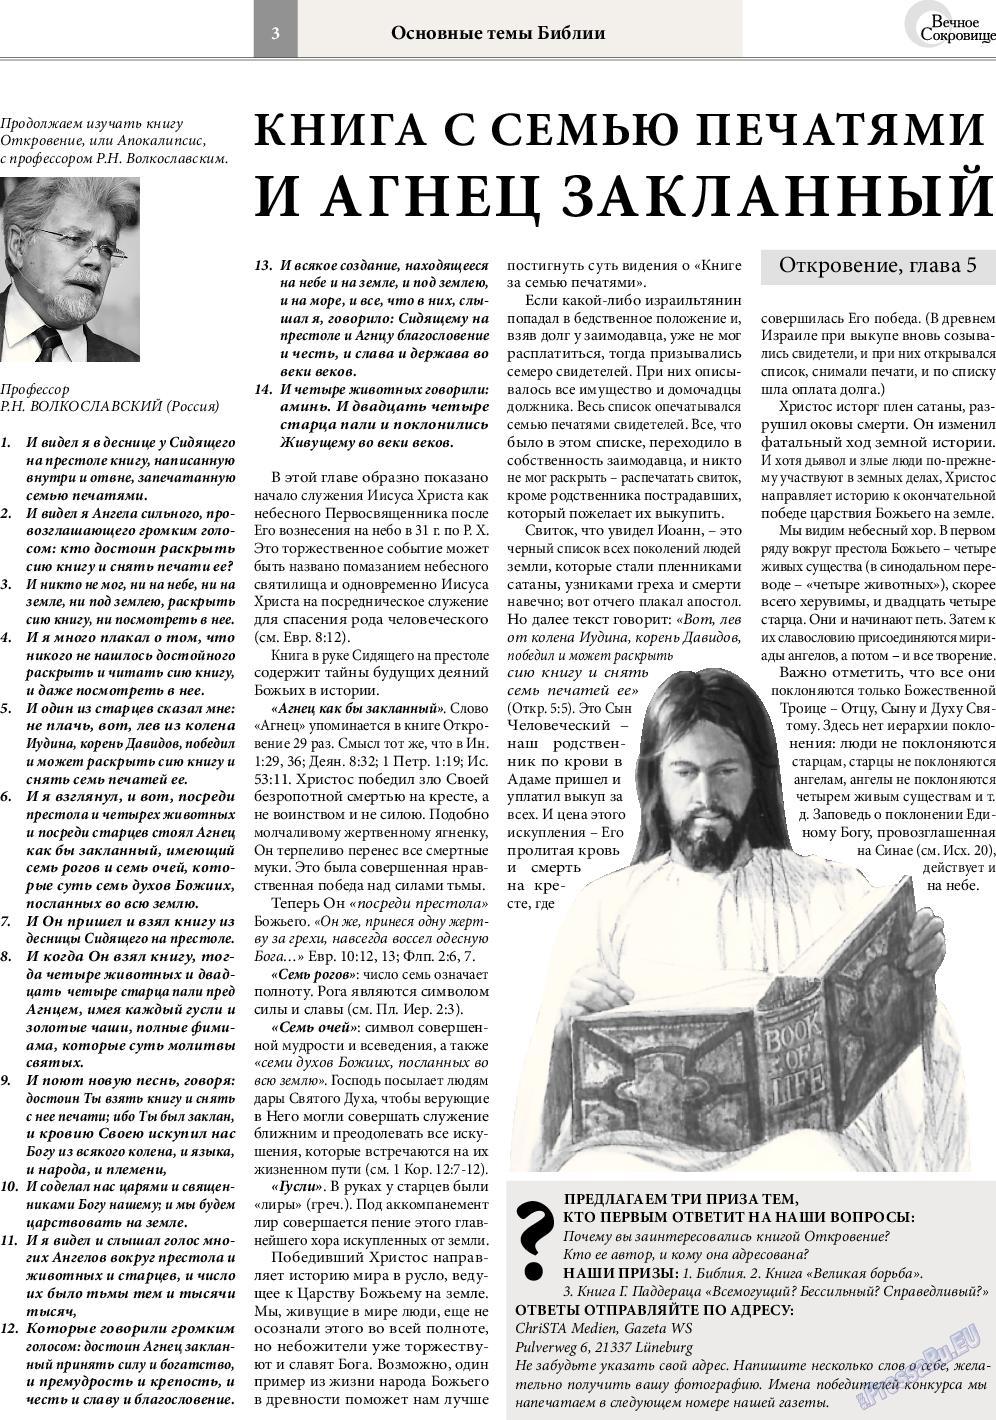 Вечное сокровище (газета). 2014 год, номер 5, стр. 3